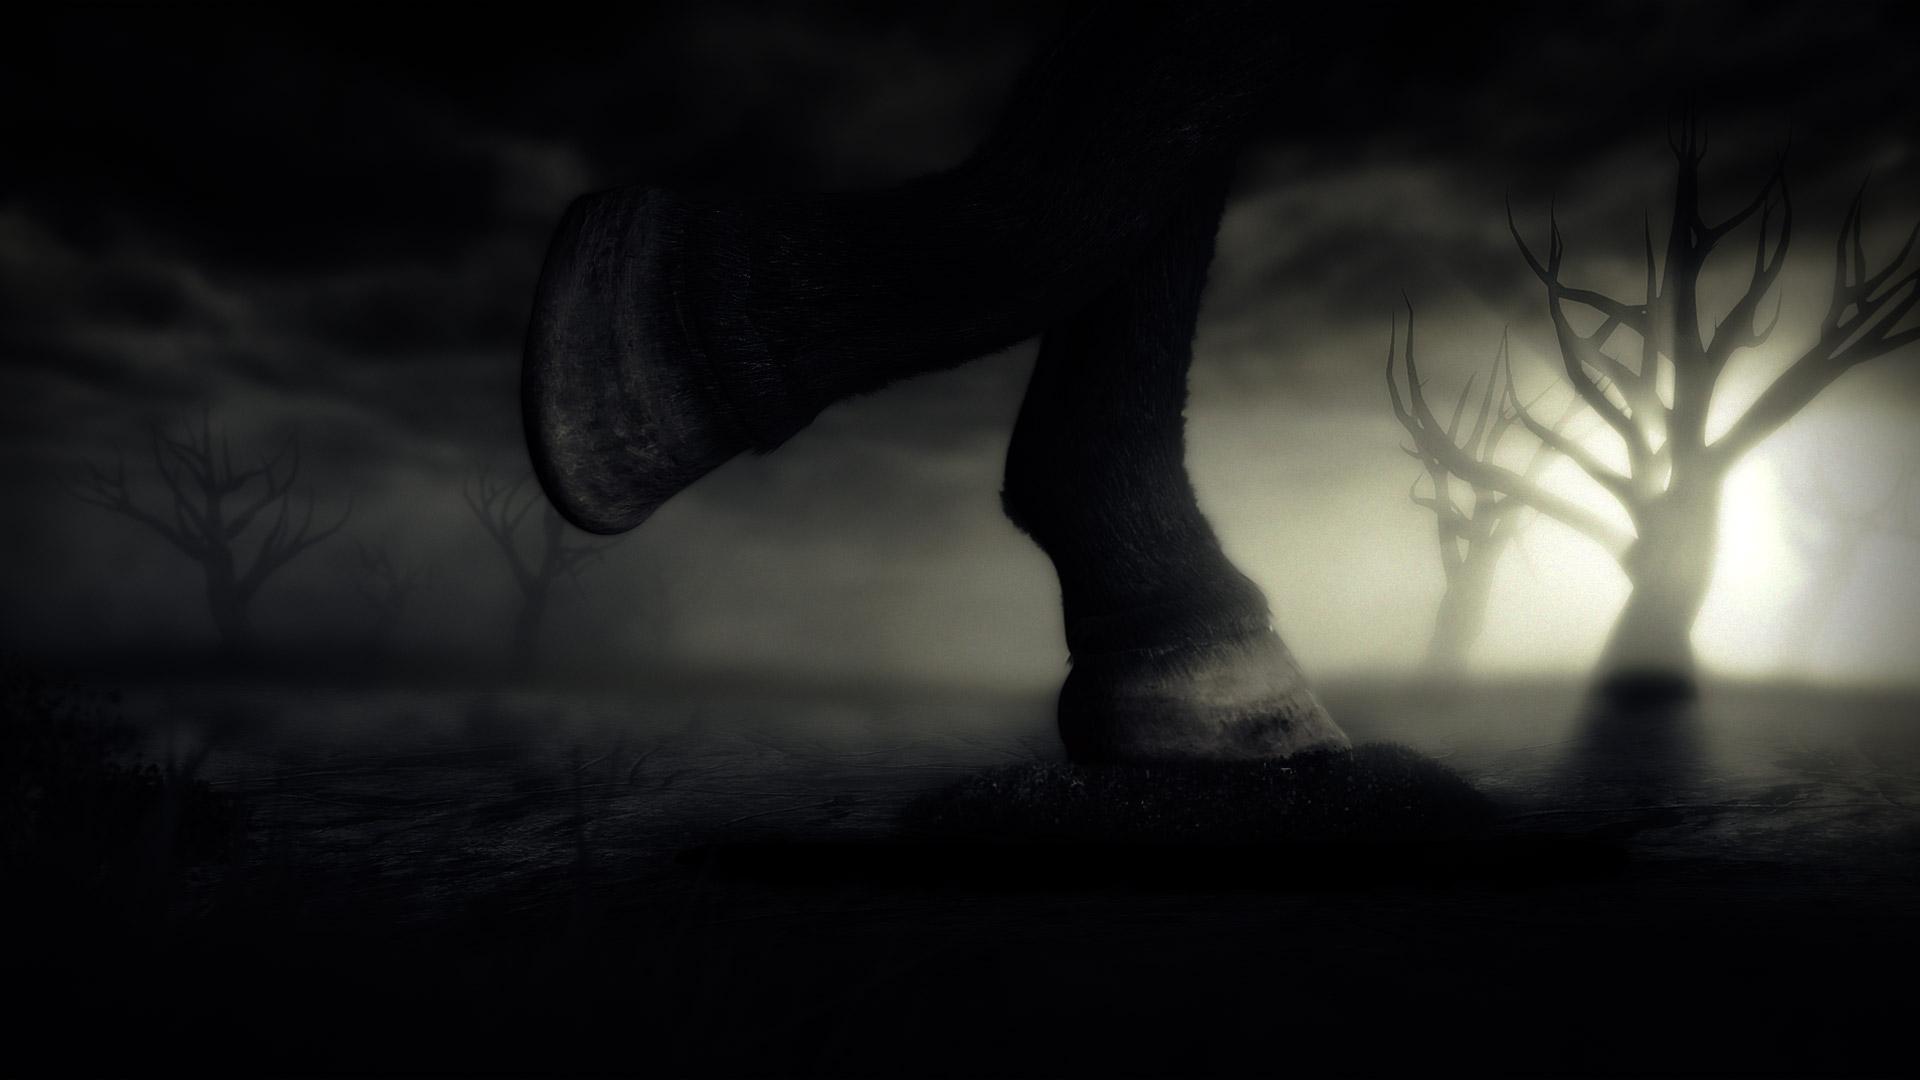 horse_legs